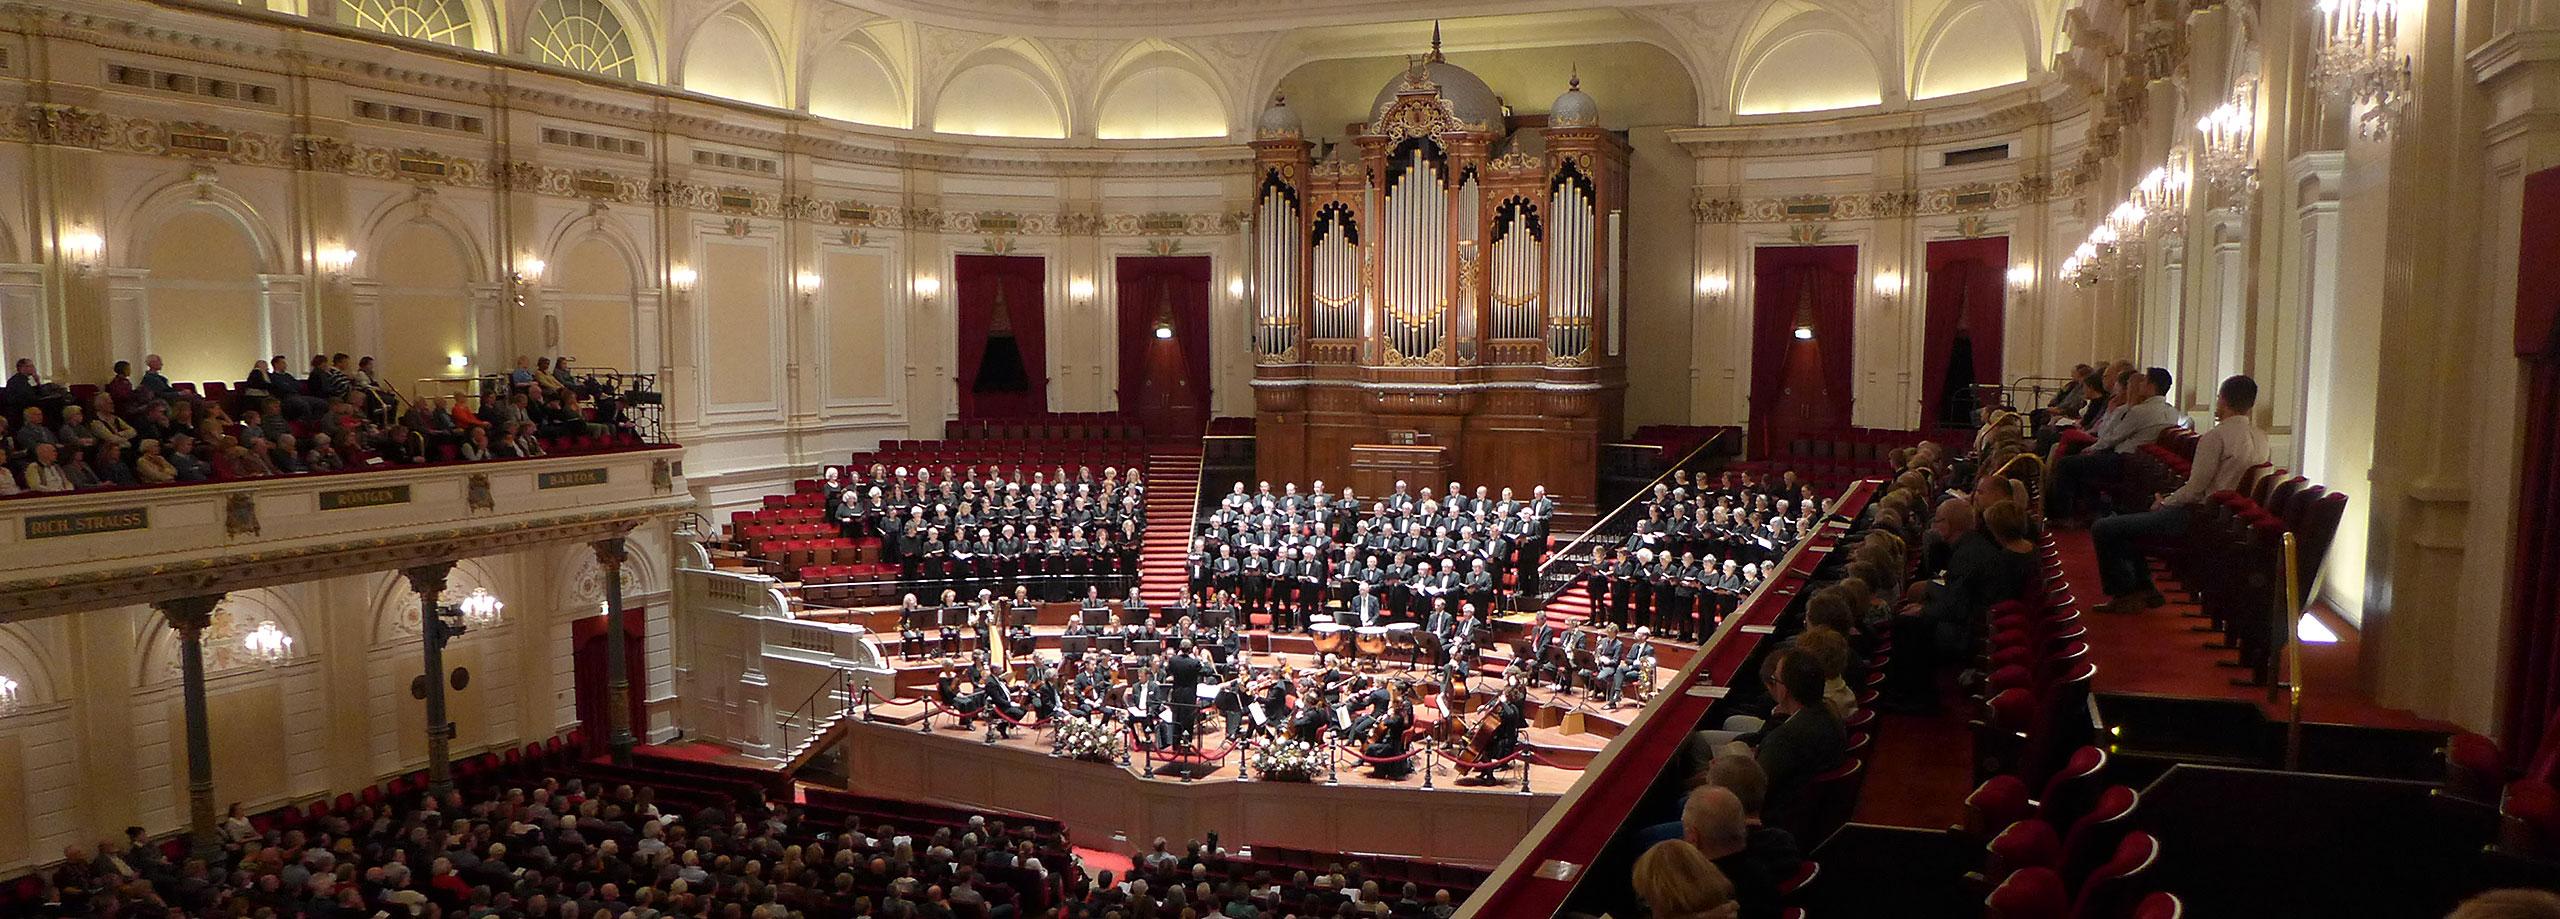 Matthäus-Passion uitvoering in Het Concertgebouw